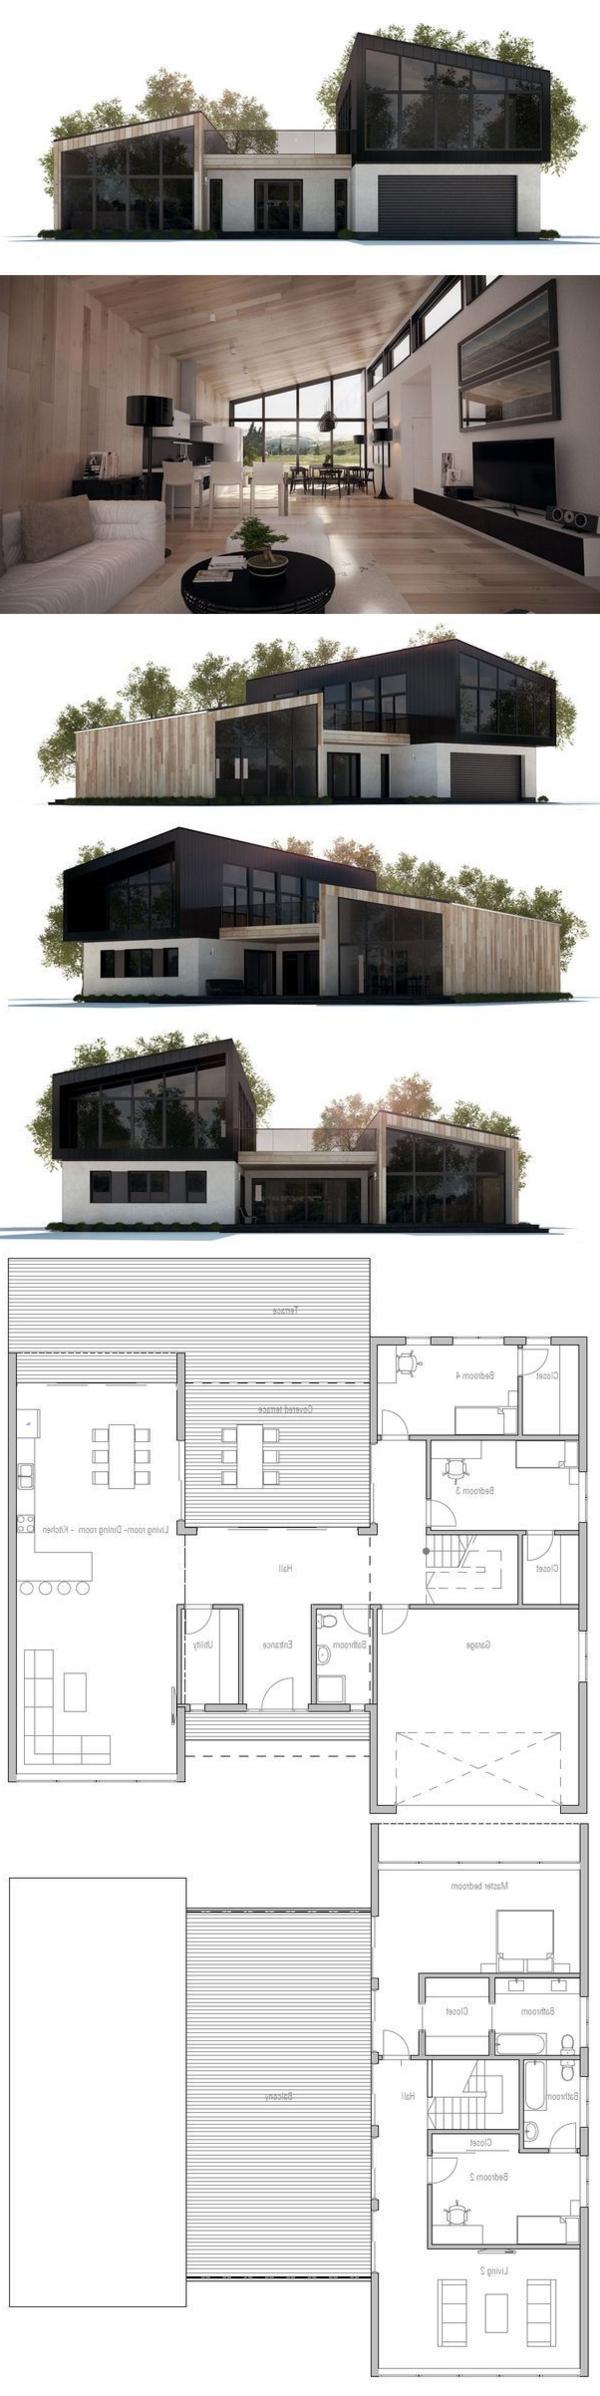 La maison plain pied moderne - Les plus beaux van plan de maison du monde ...